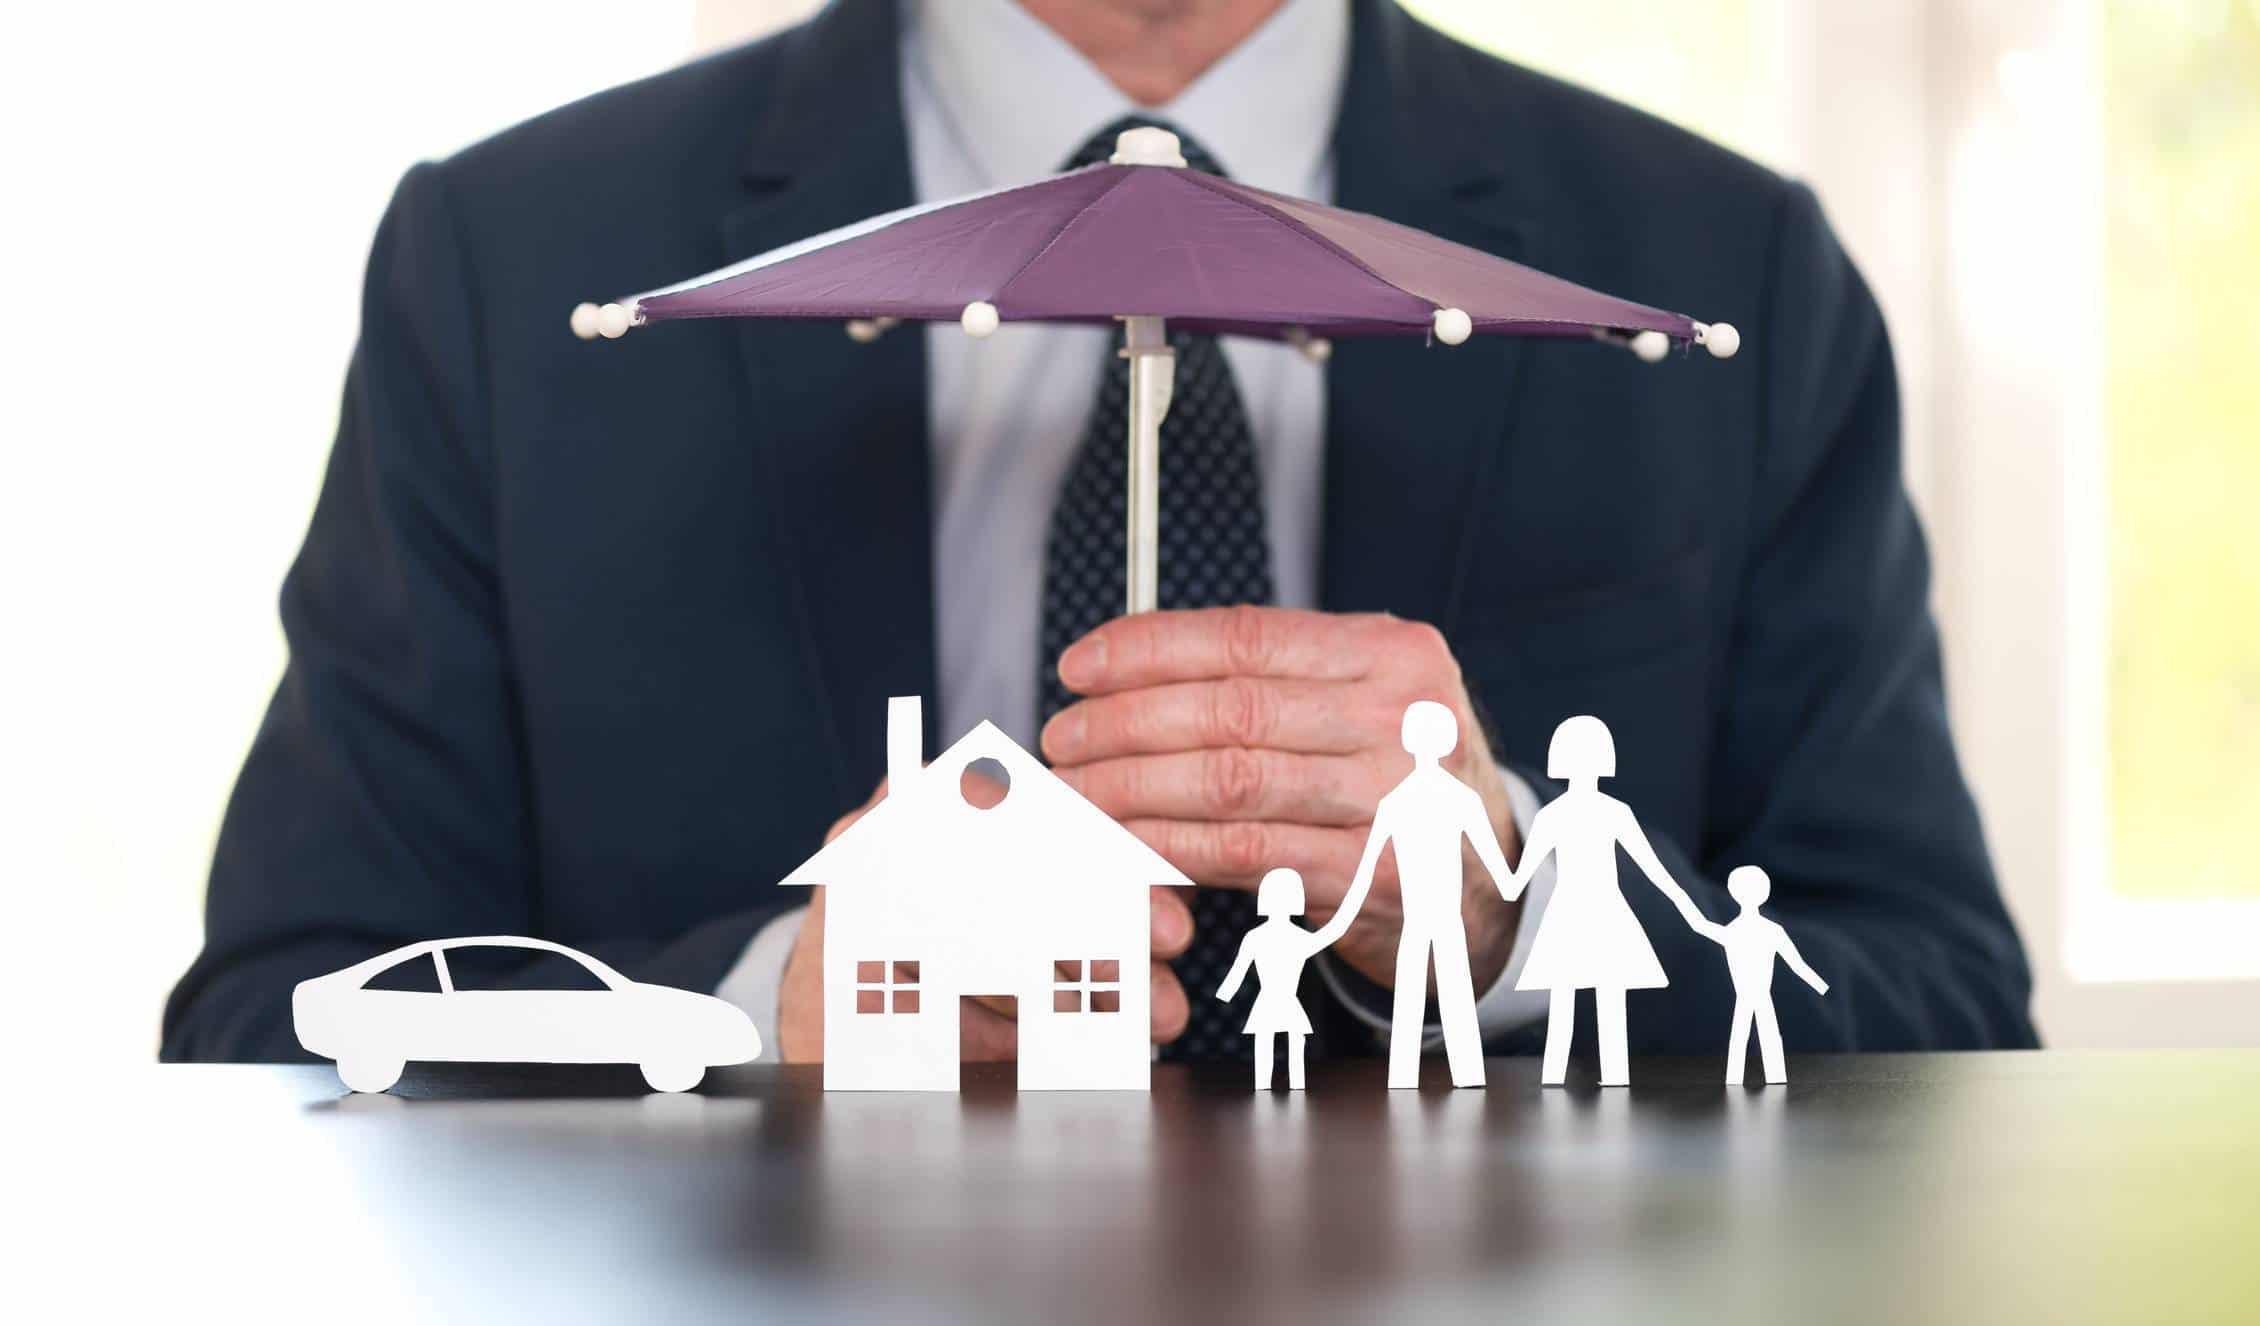 picture habitation comment - Comment assurer son habitation moins cher ?